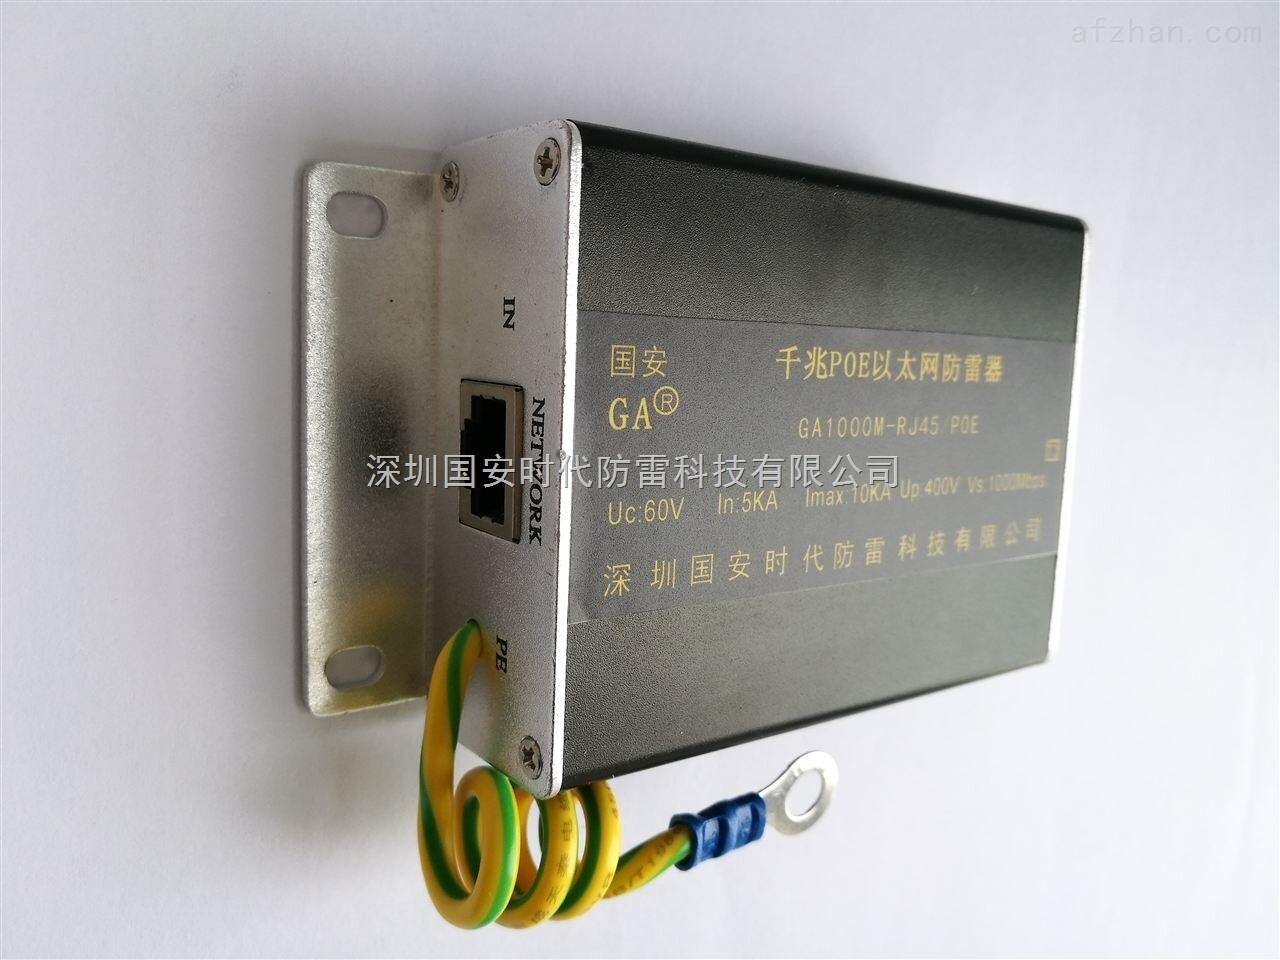 ga100m-rj45/poe-poe供电摄像机防雷器/poe网络防雷器